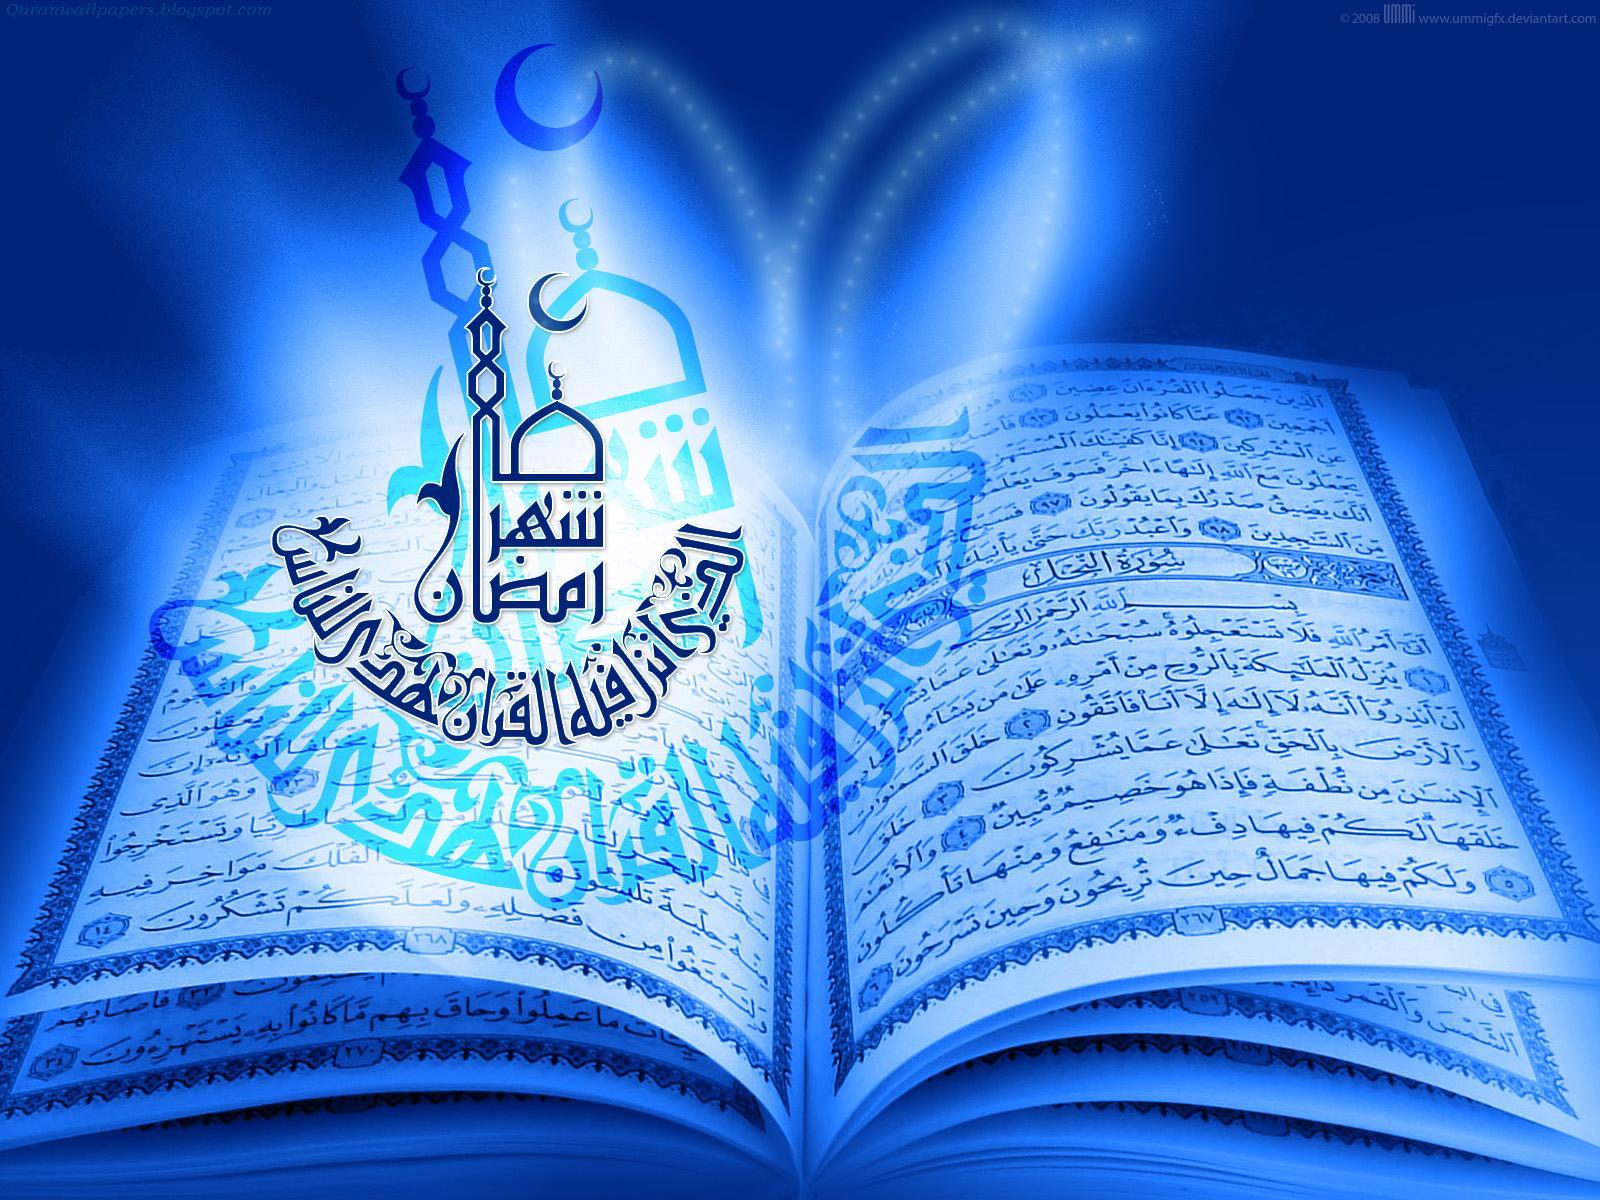 Islamic Wallpapers Ramadan Islam Quran Wallpapers 1600x1200